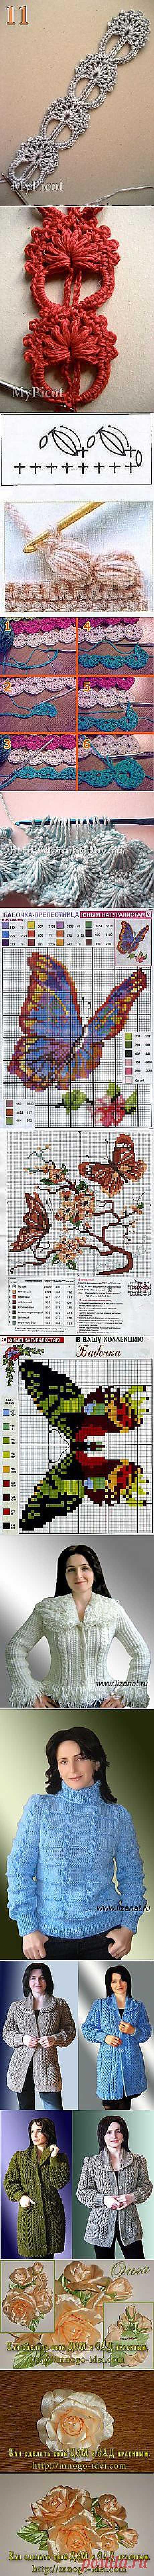 Красивые стежки для вязания крючком..... и другие популярные материалы на Постила.ru - lewwittmer@mail.ru - Почта Mail.Ru